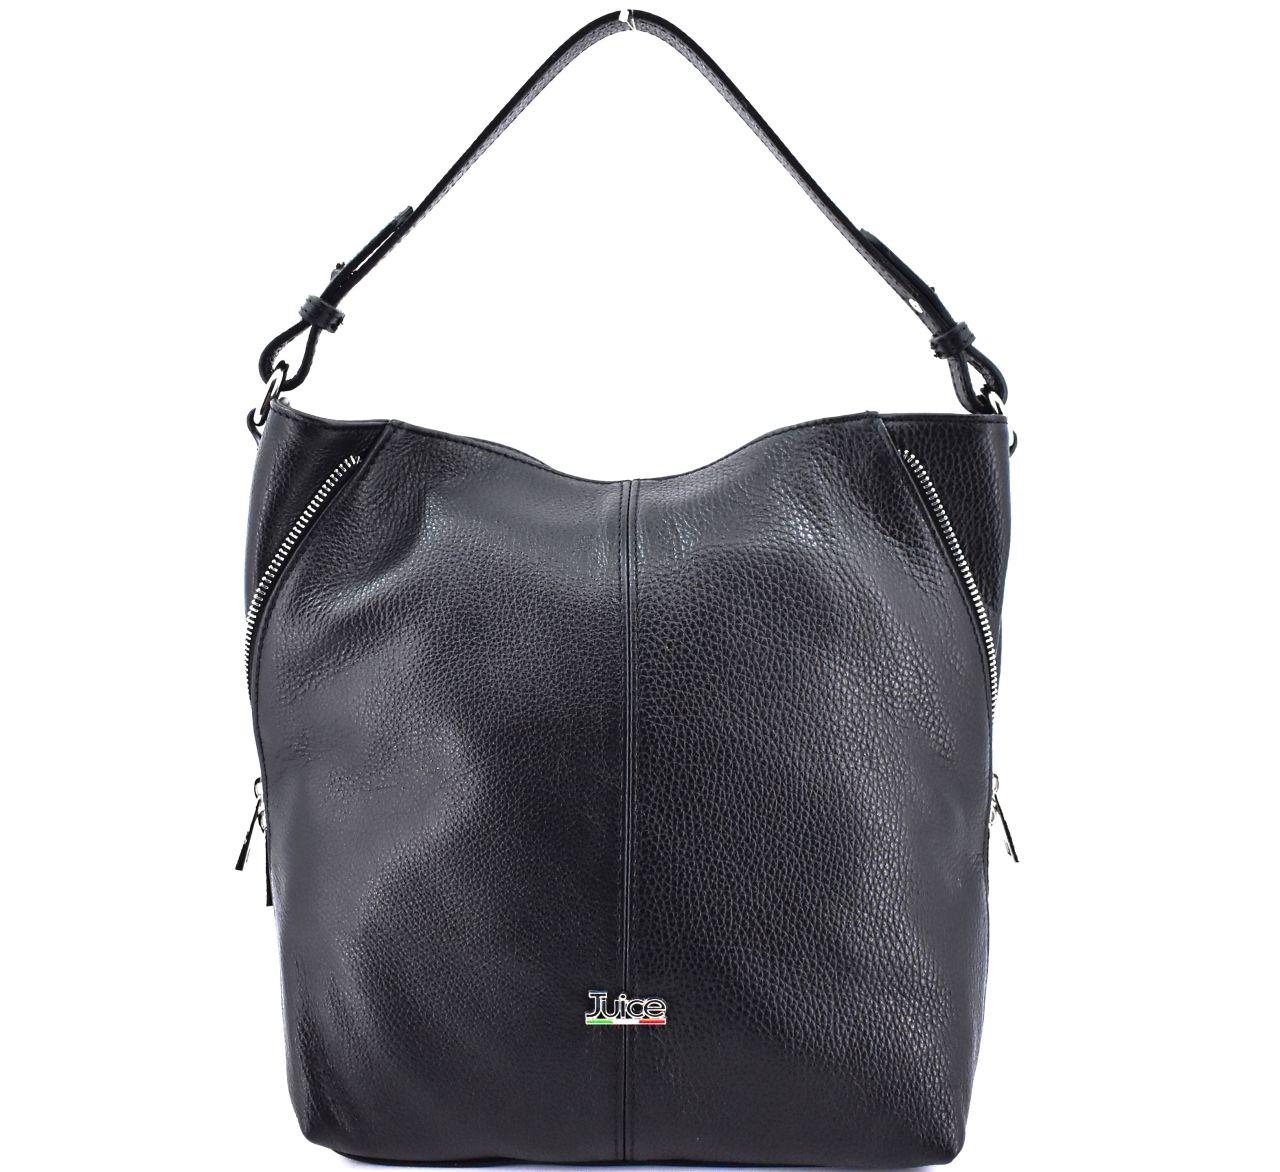 Dámská kožená kabelka Juice - černá 112172